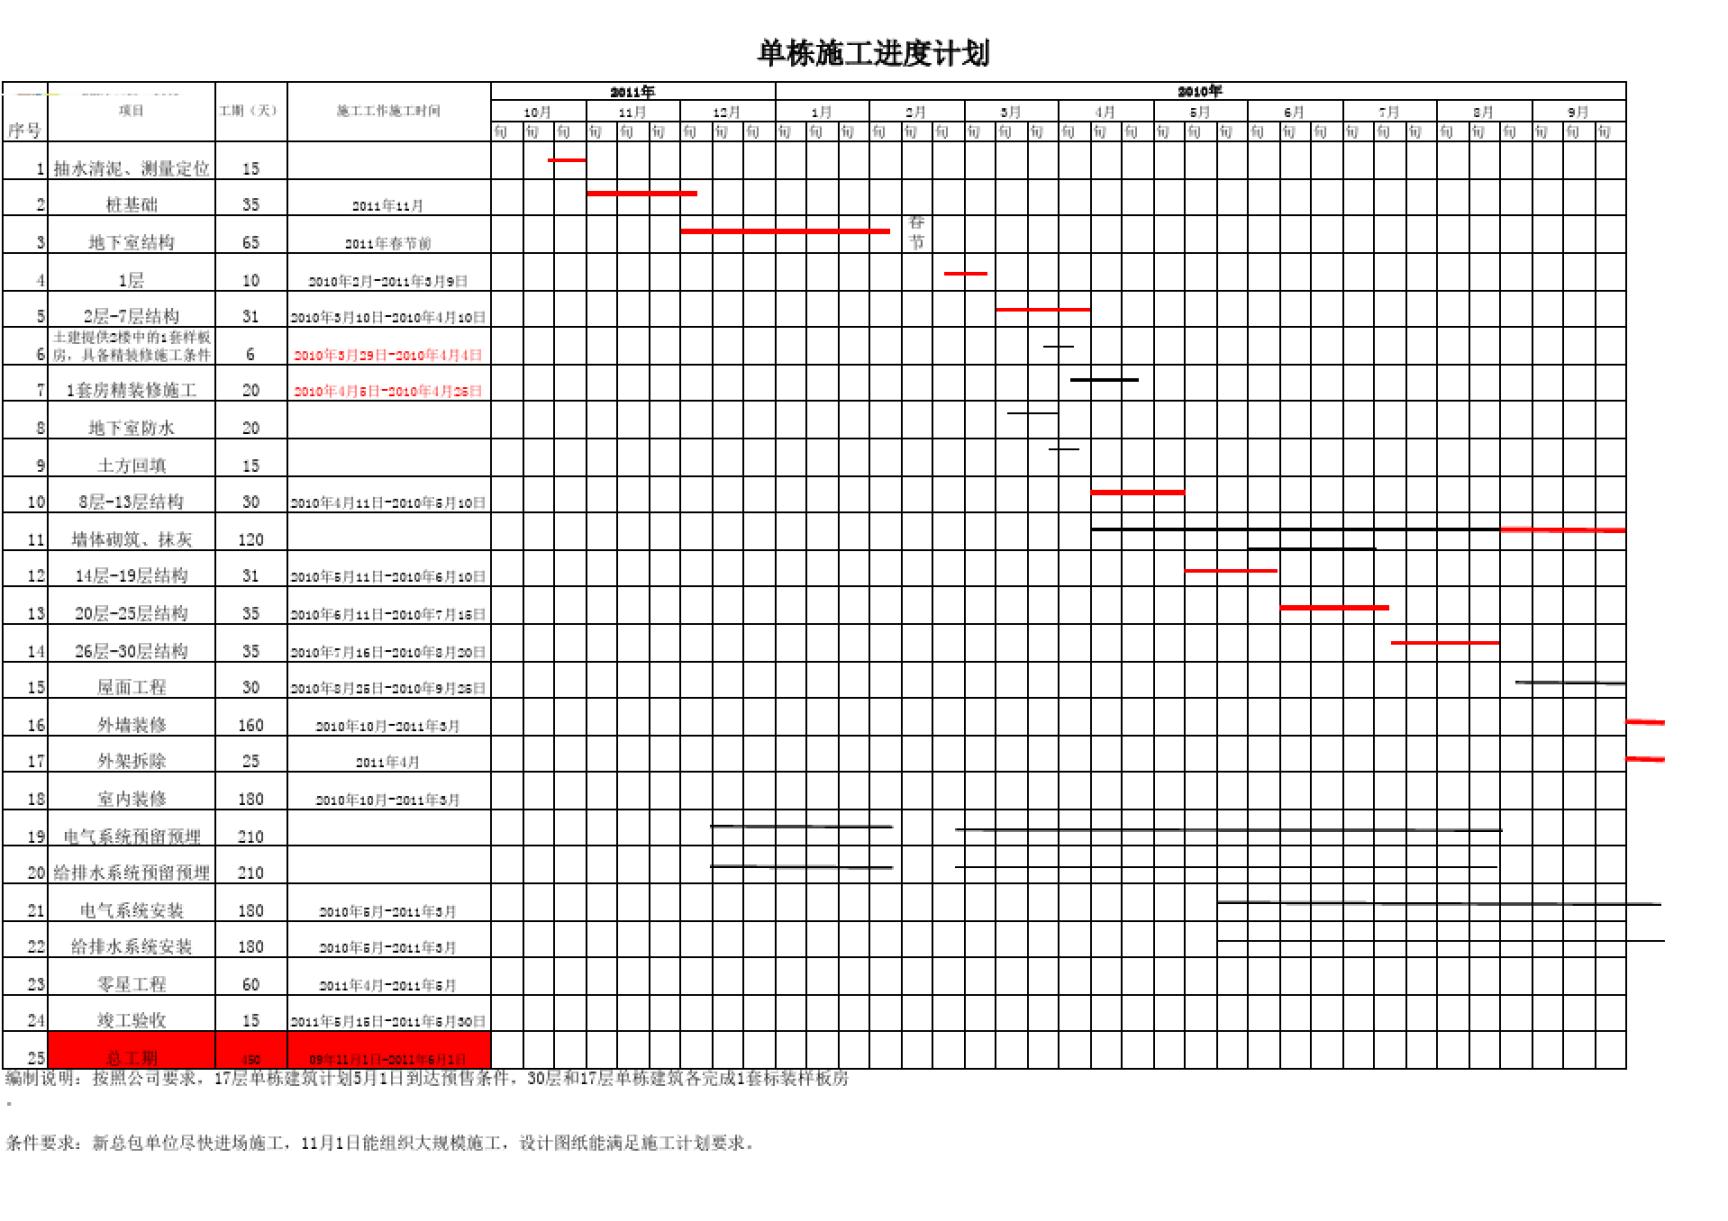 高层住宅楼施工进度计划横道图(excel版本)